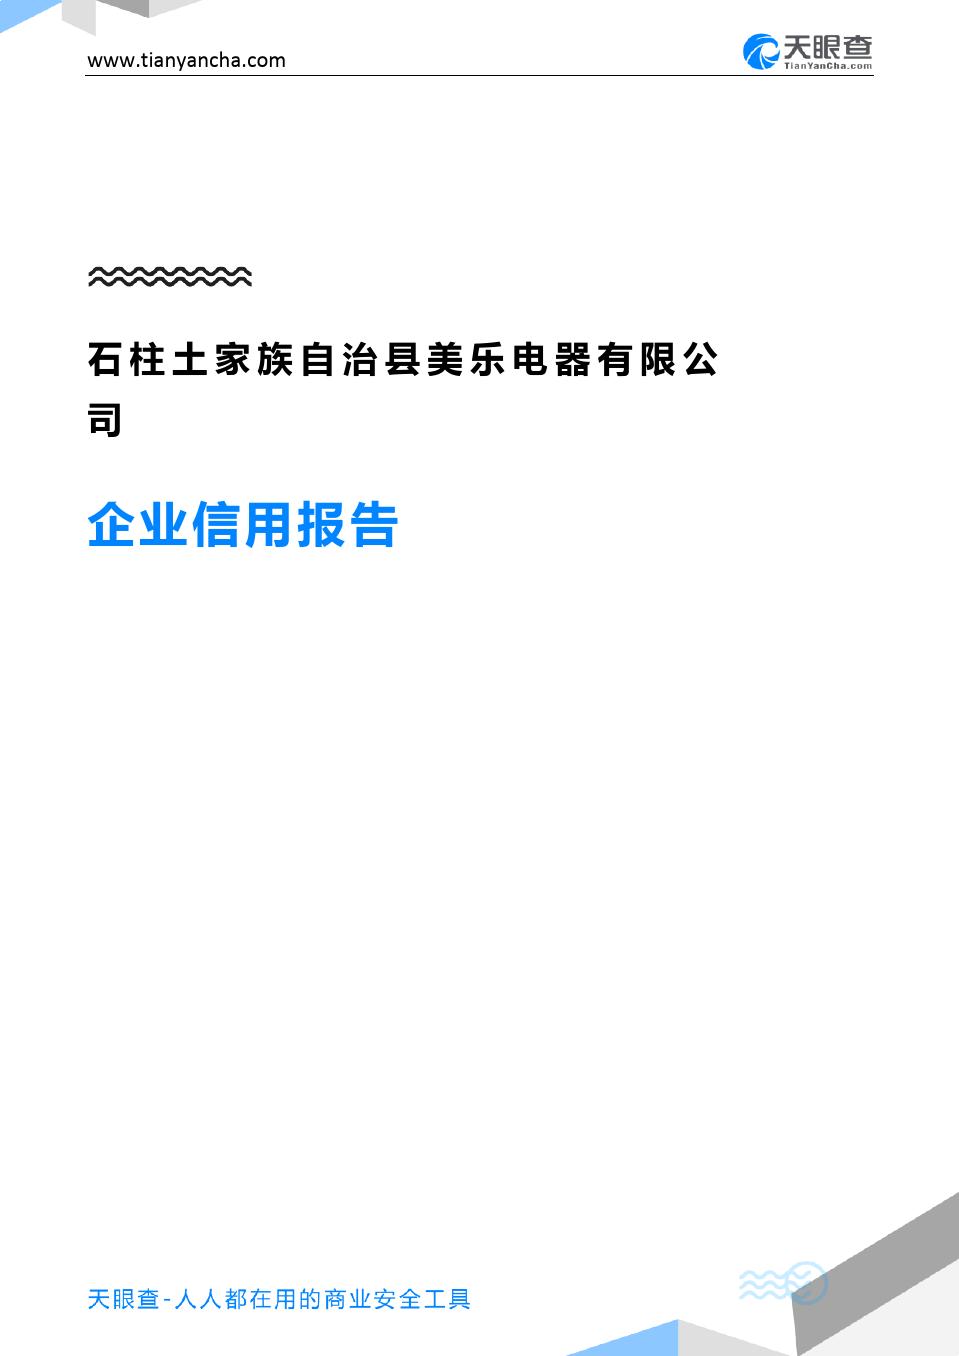 石柱土家族自治县美乐电器有限公司企业信用报告-天眼查